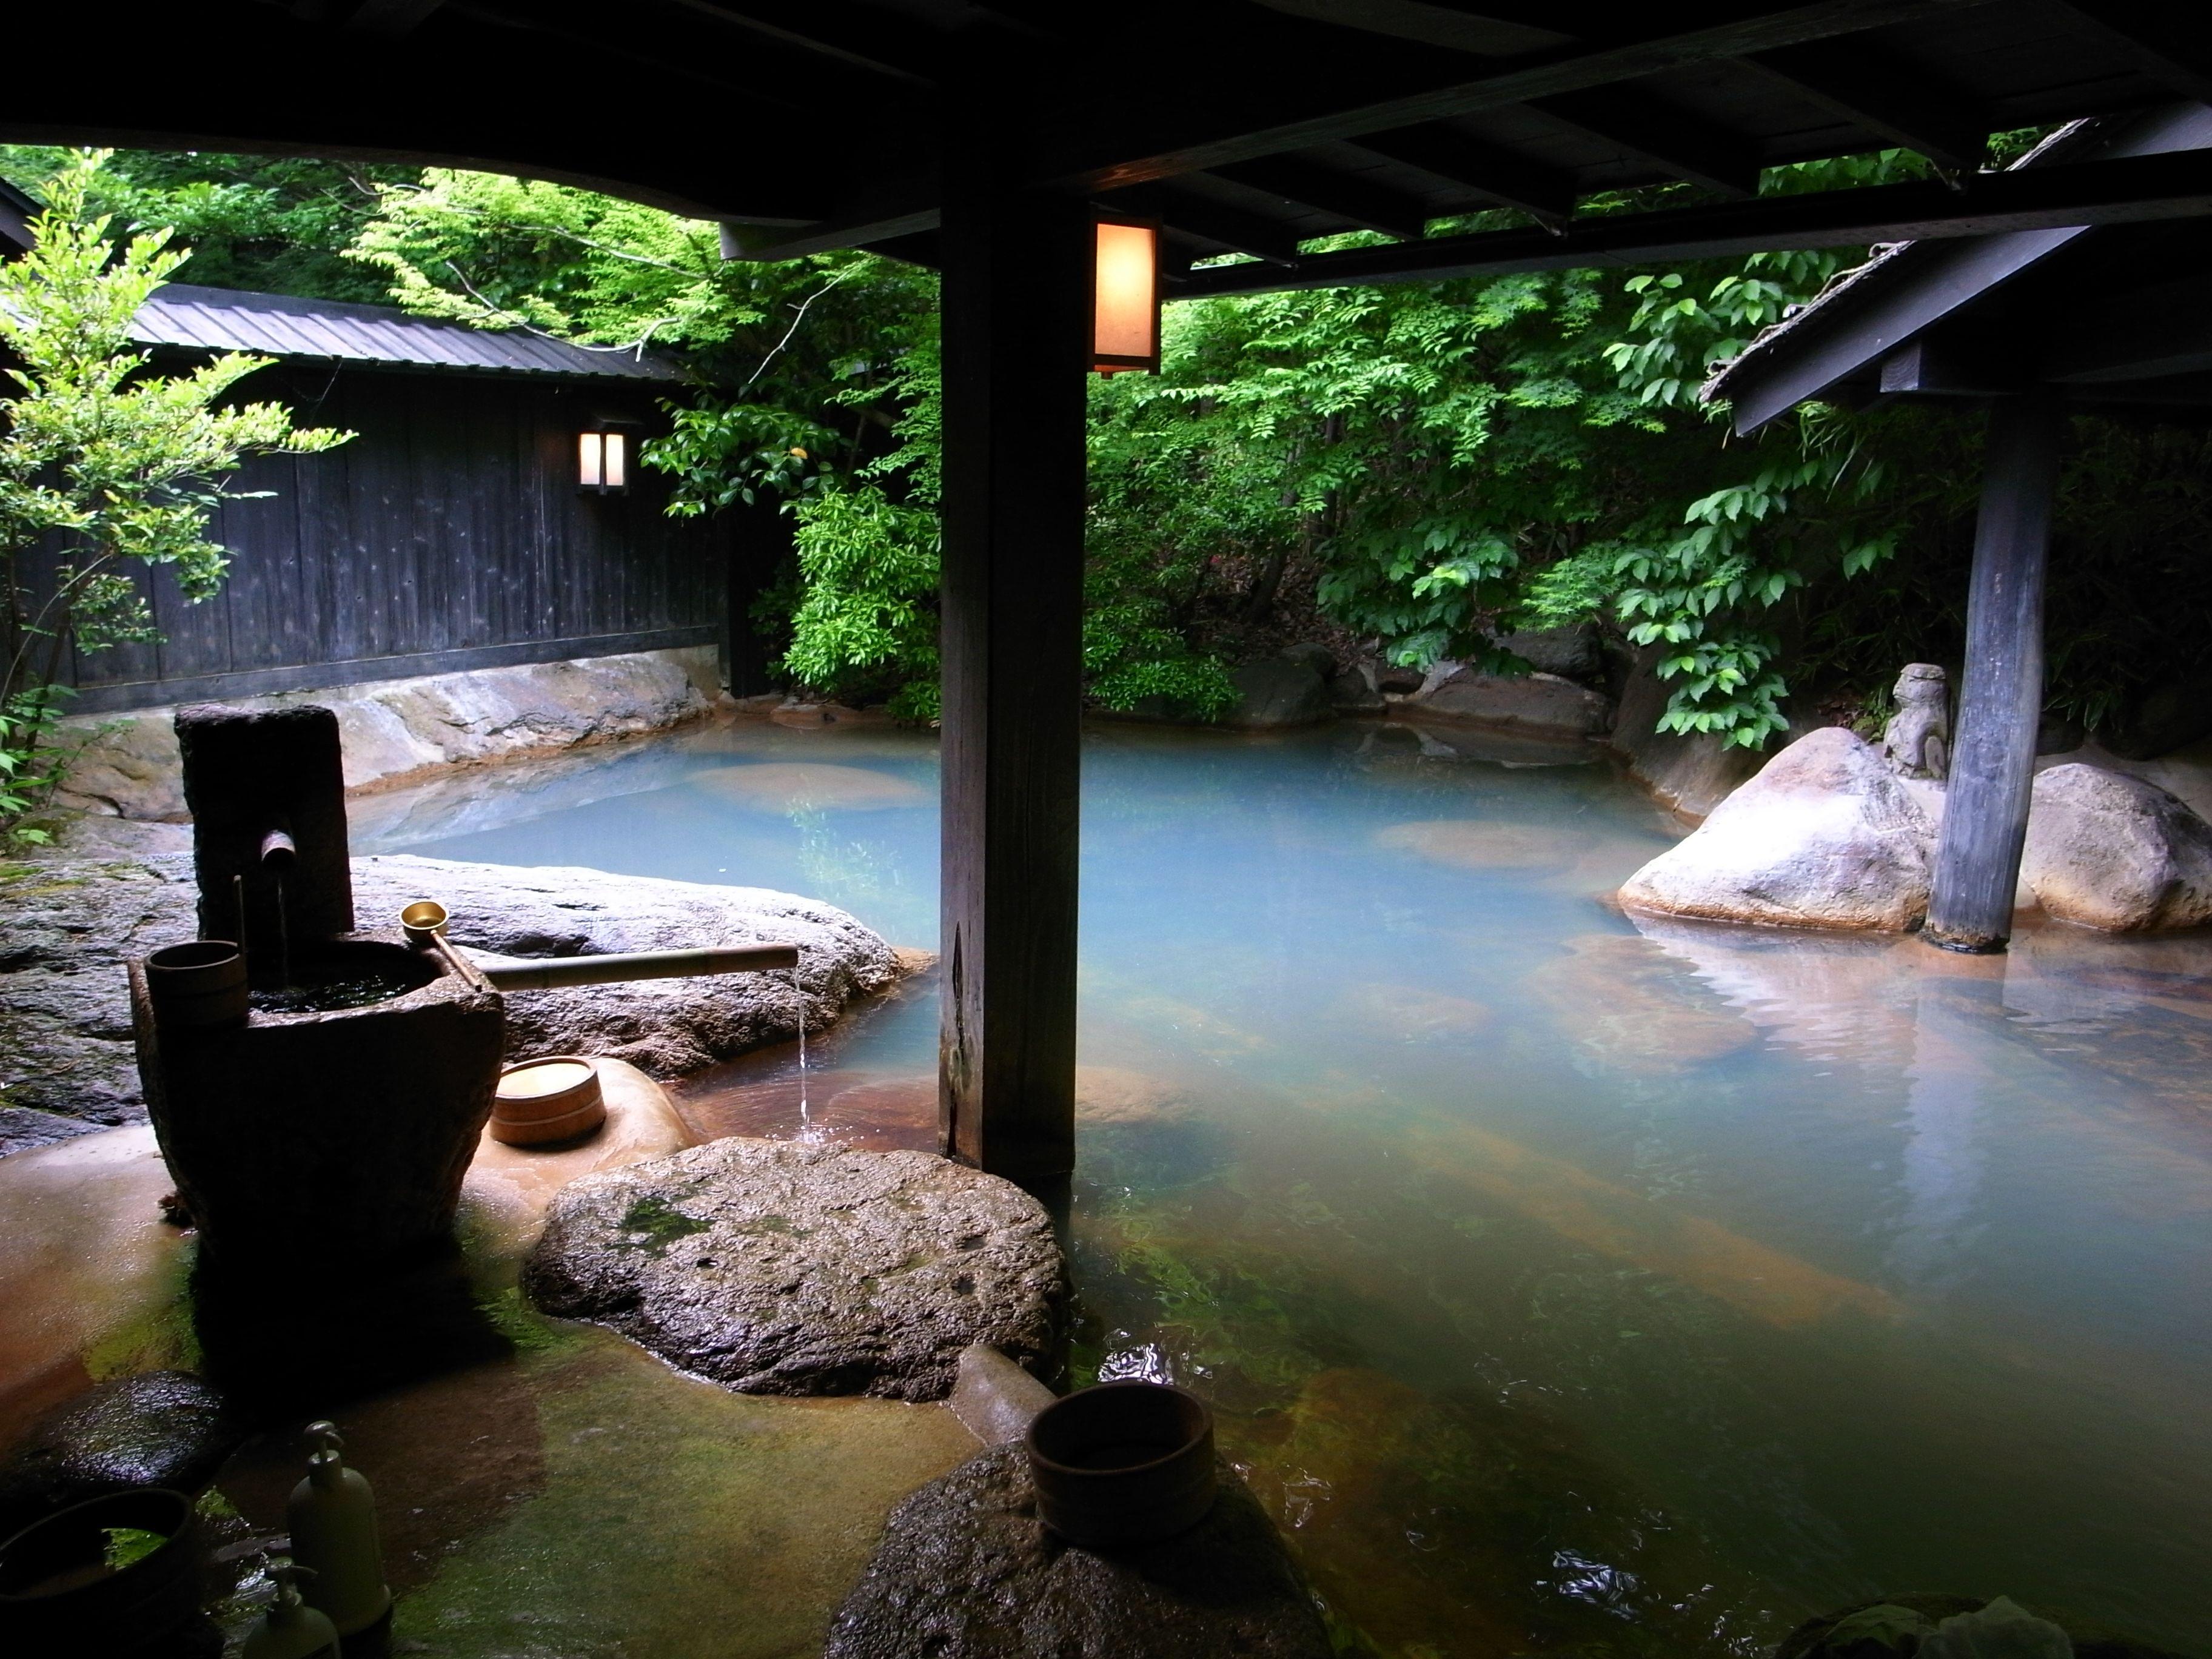 黒川温泉 KUROKAWA ONSEN by Ogino Taro | Onsen | Pinterest | Hot ...